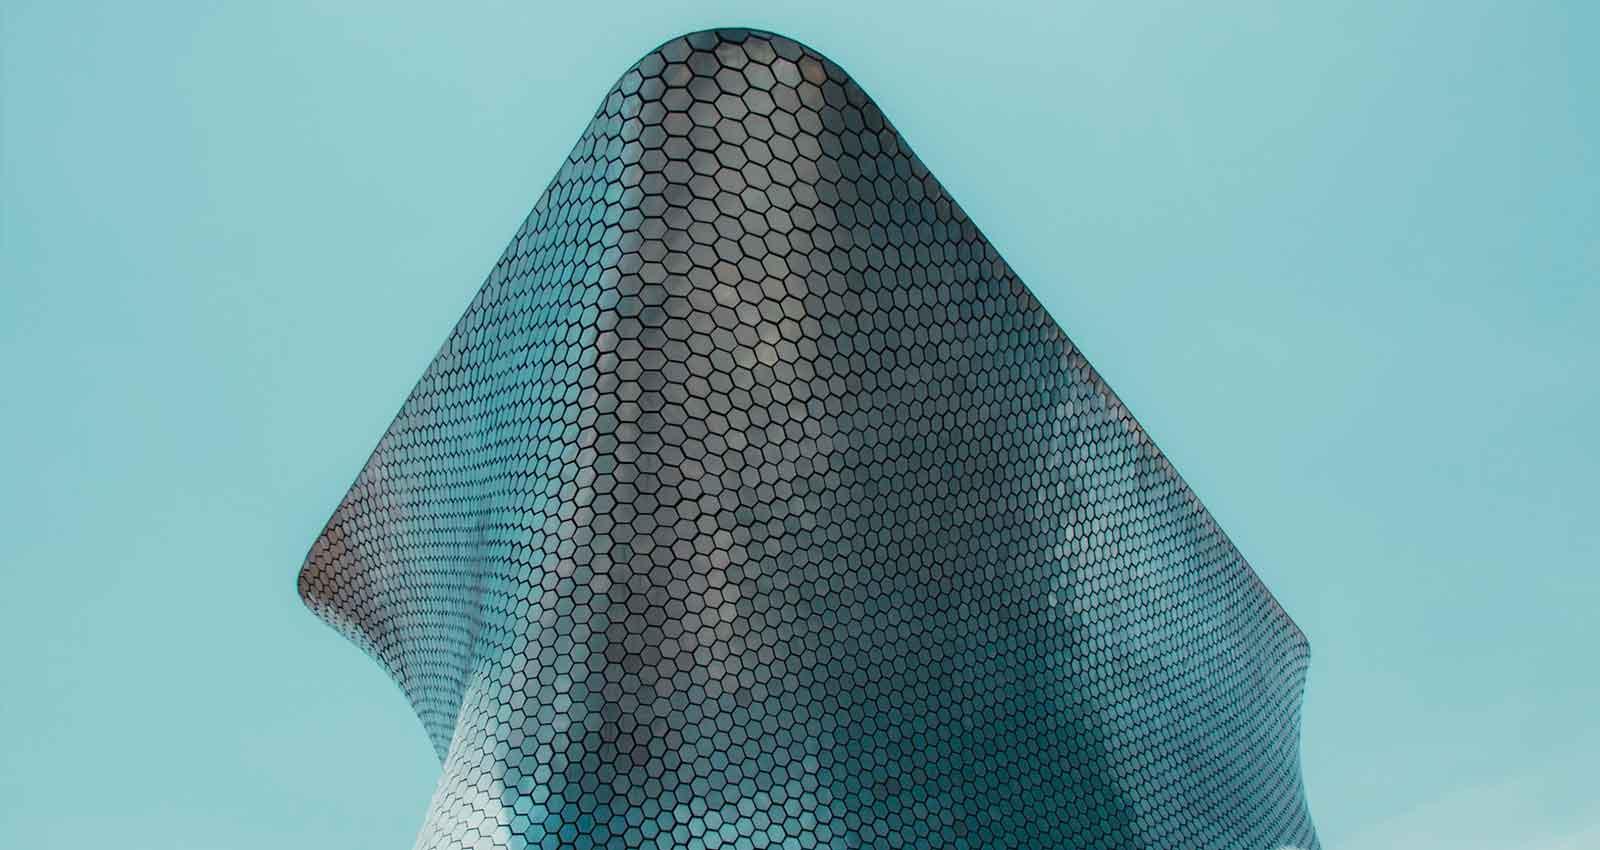 soumaya-museum-mexico-leghe-metalliche-alluminio